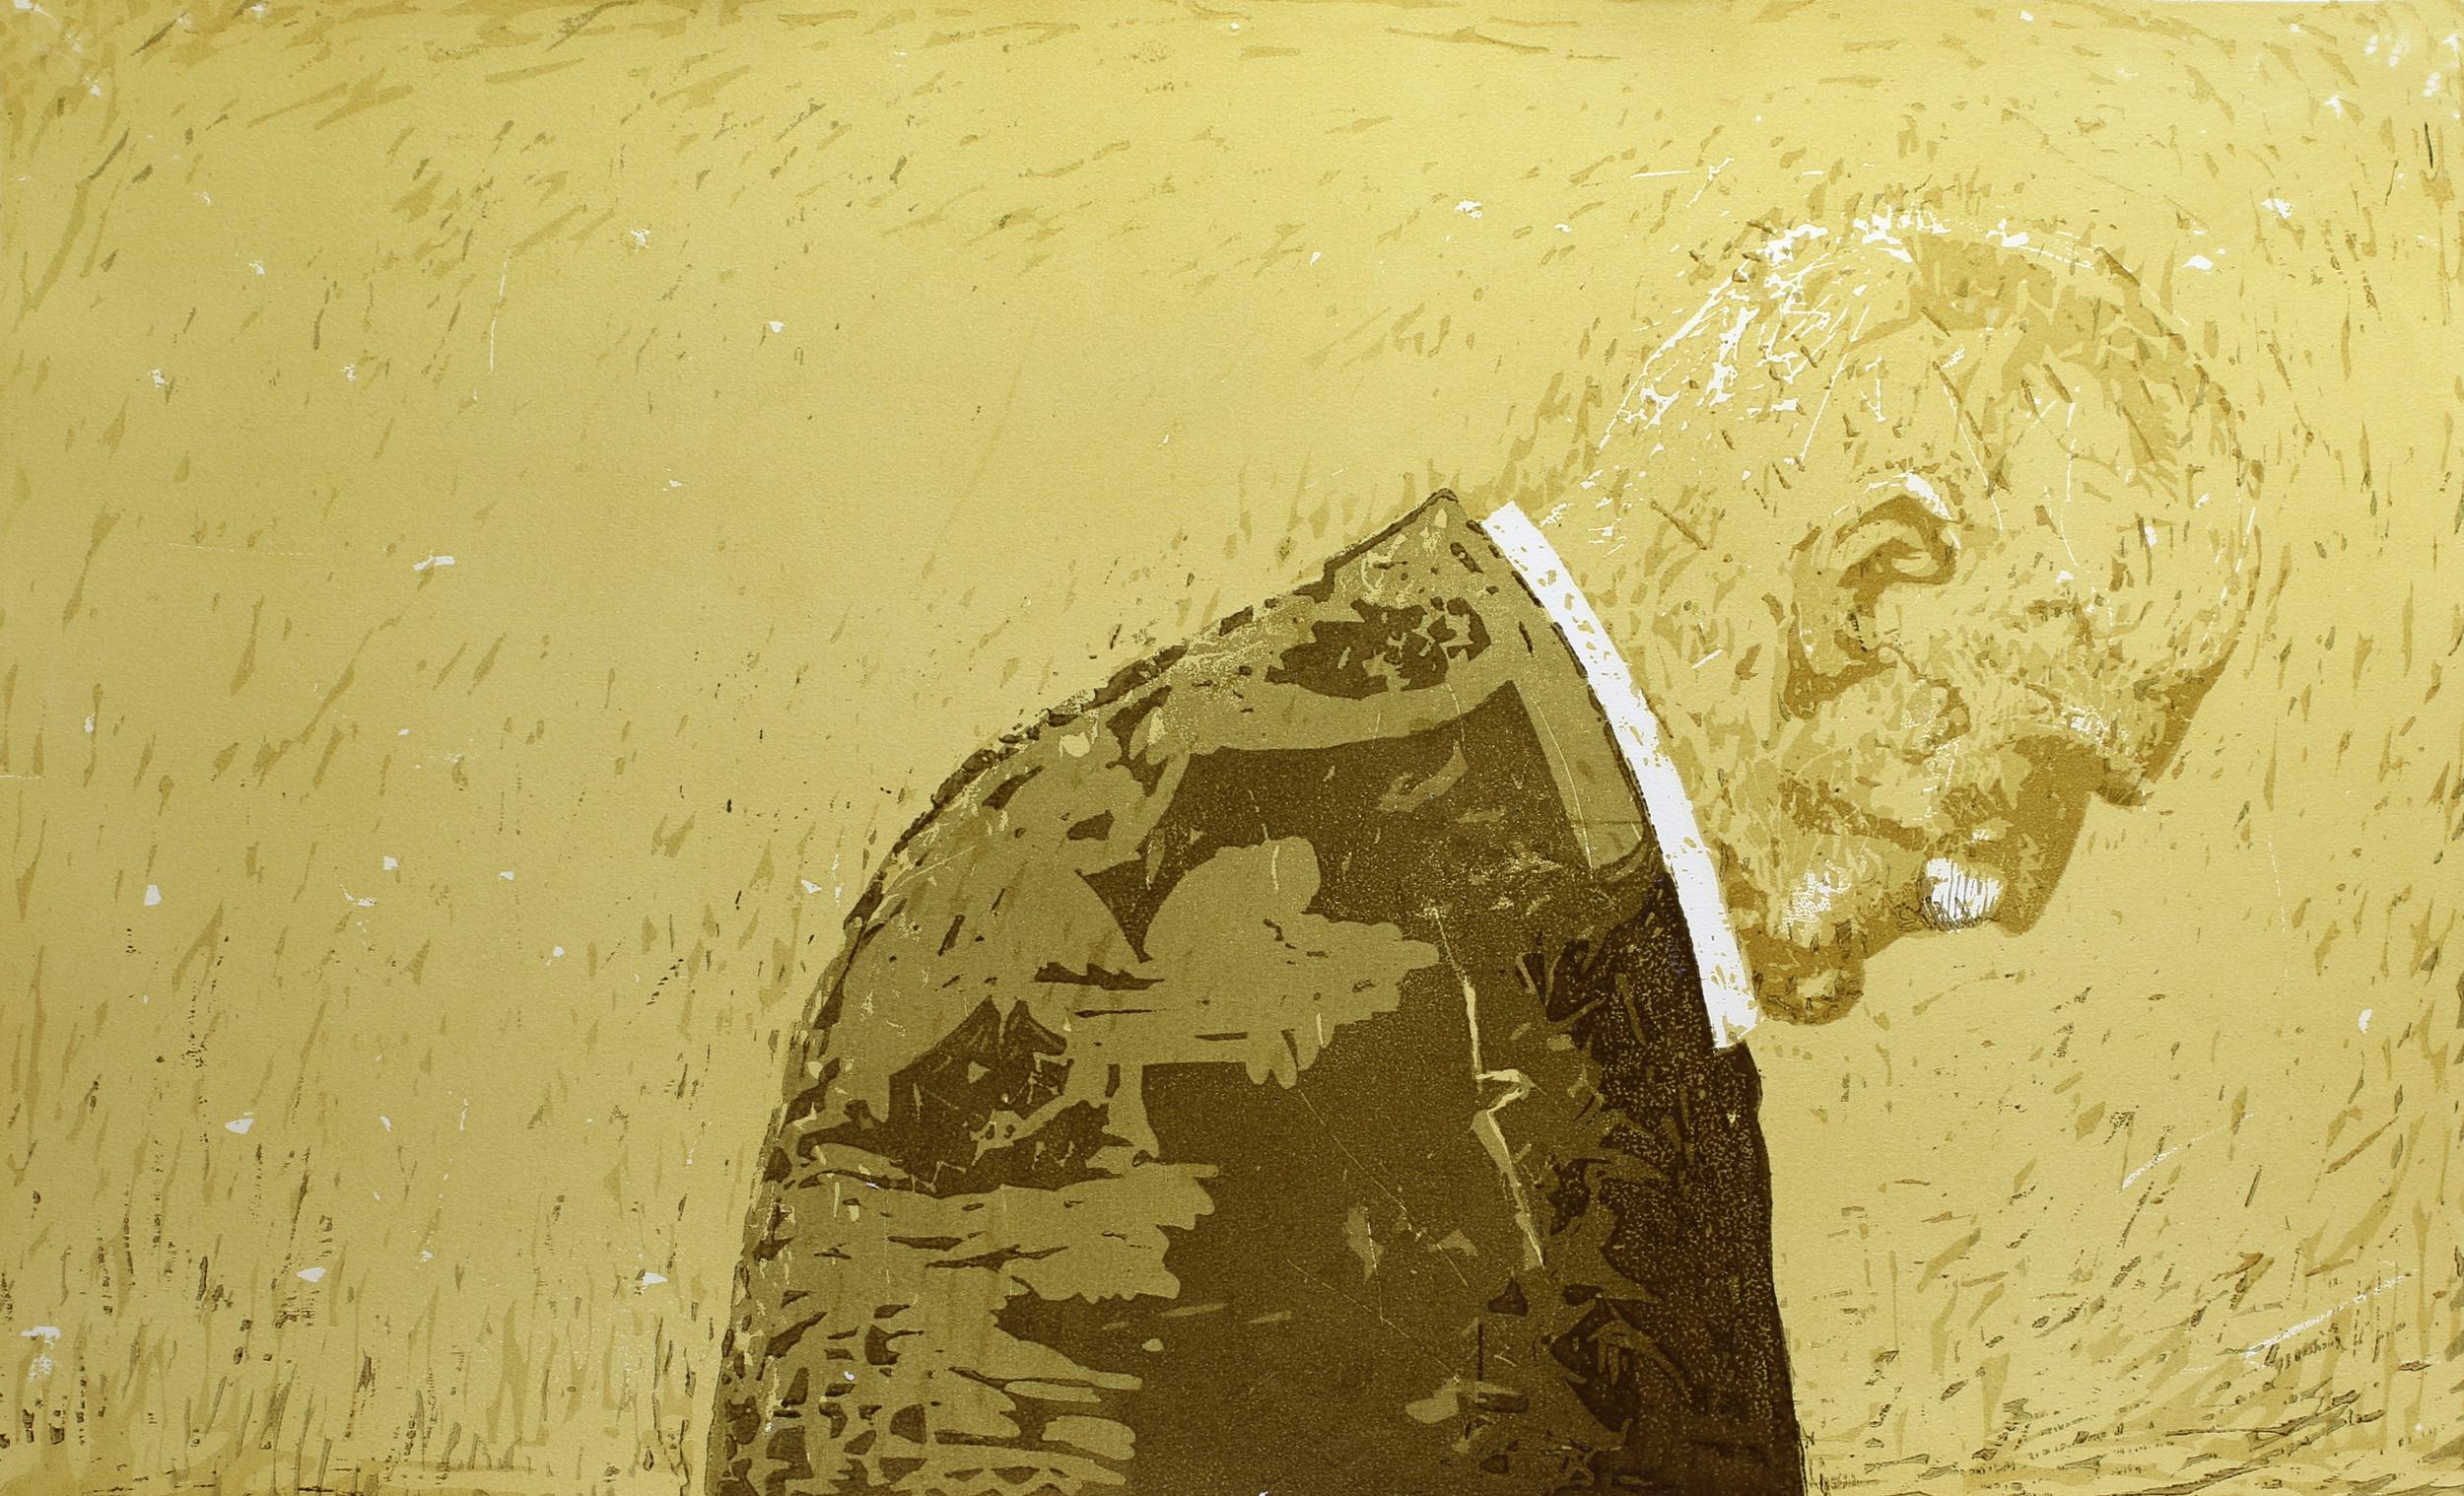 På gjengrodde stier   Tresnitt   55x90 cm   kr. 6 000,-